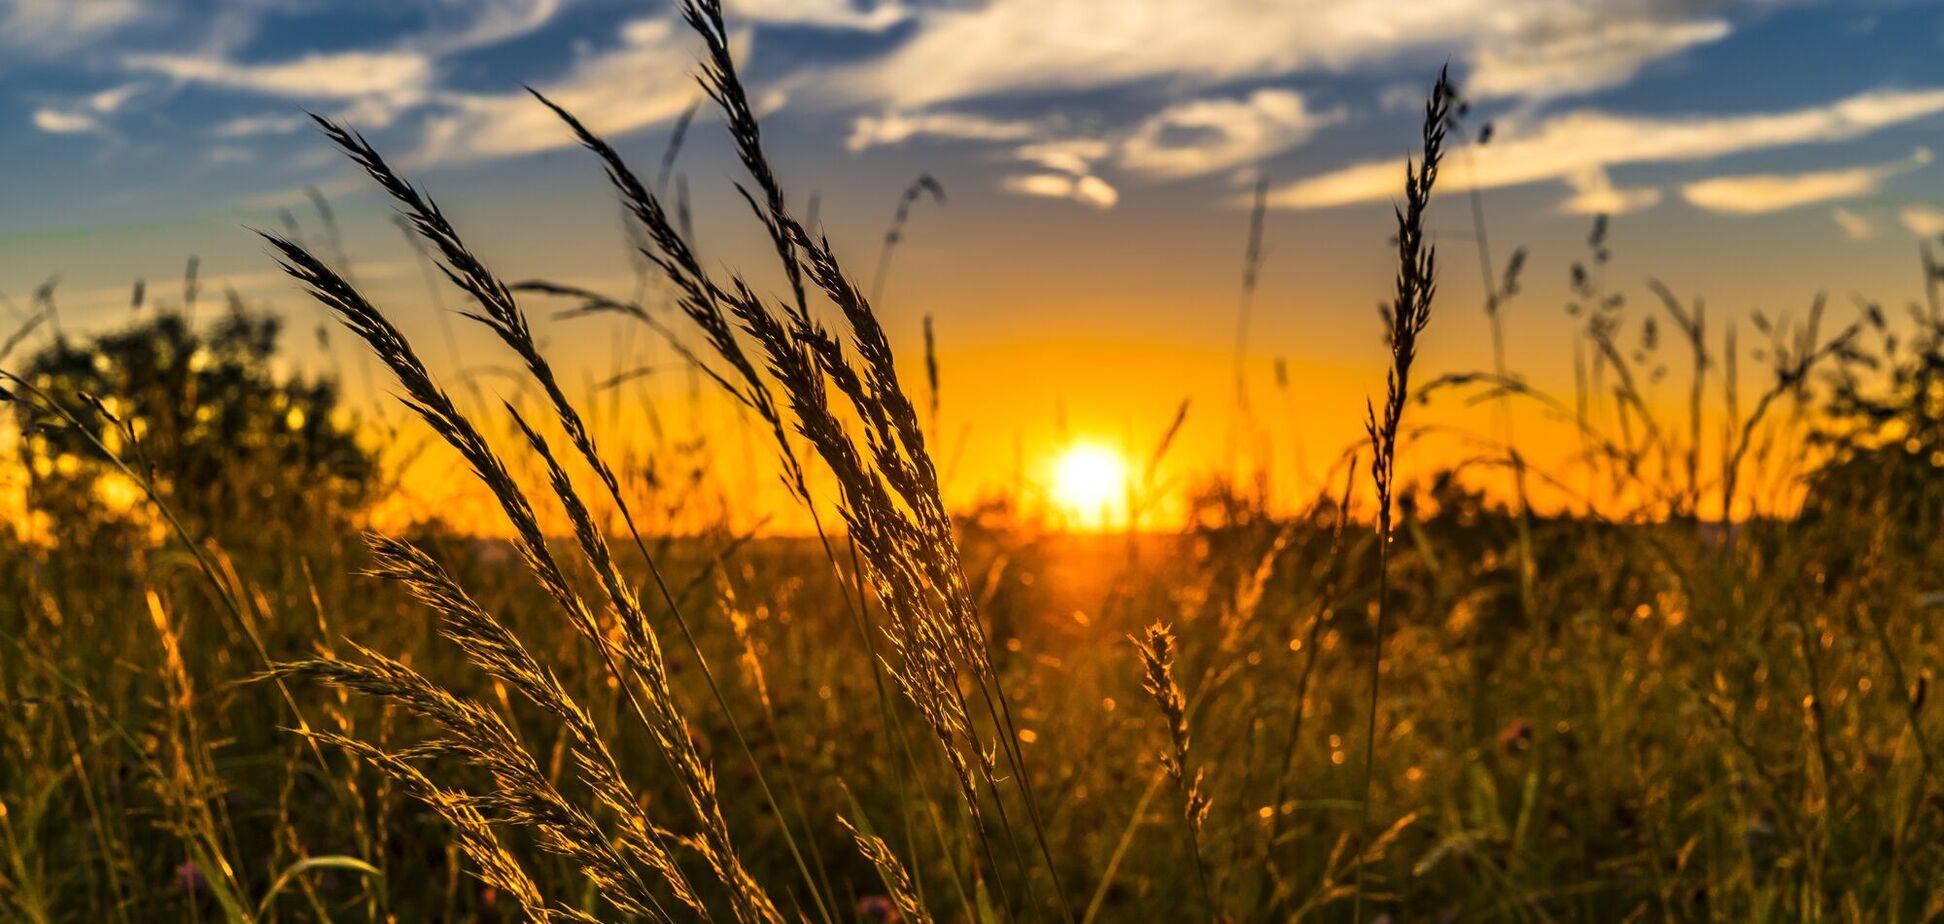 21 июня. Как ощущают день летнего солнцестояния украинцы